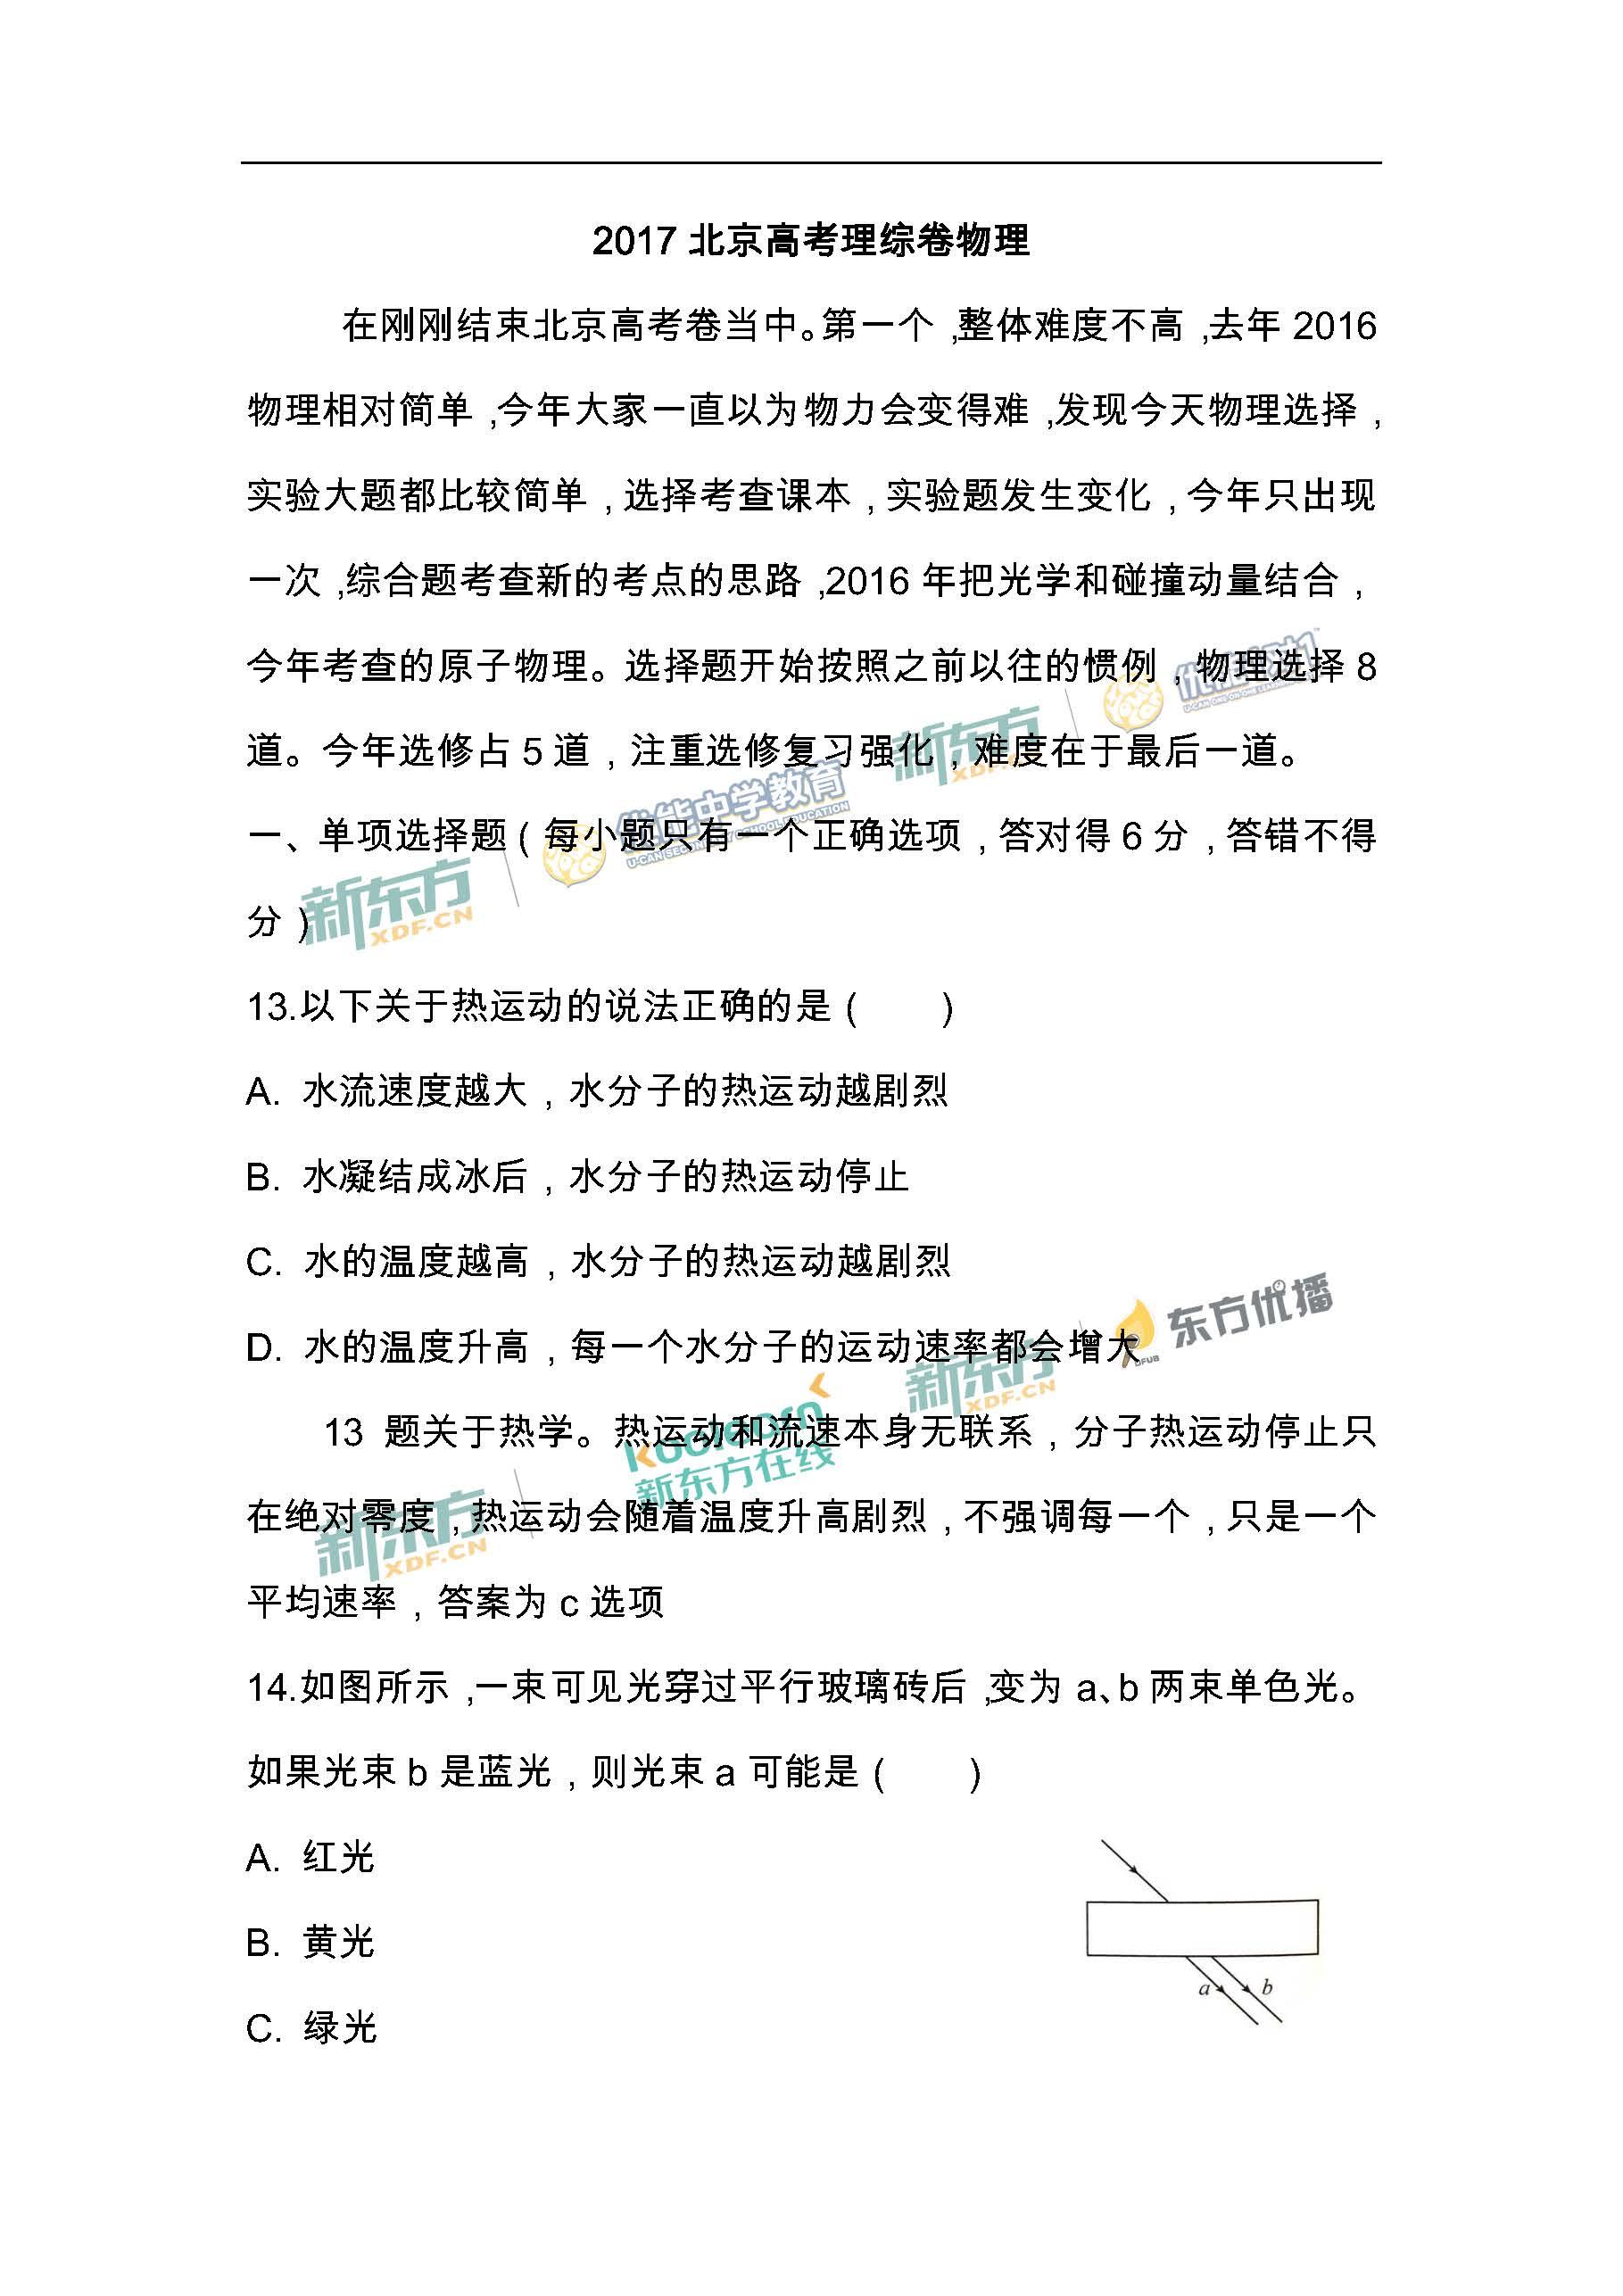 薛雨威解析2017高考物理真题答案(视频)